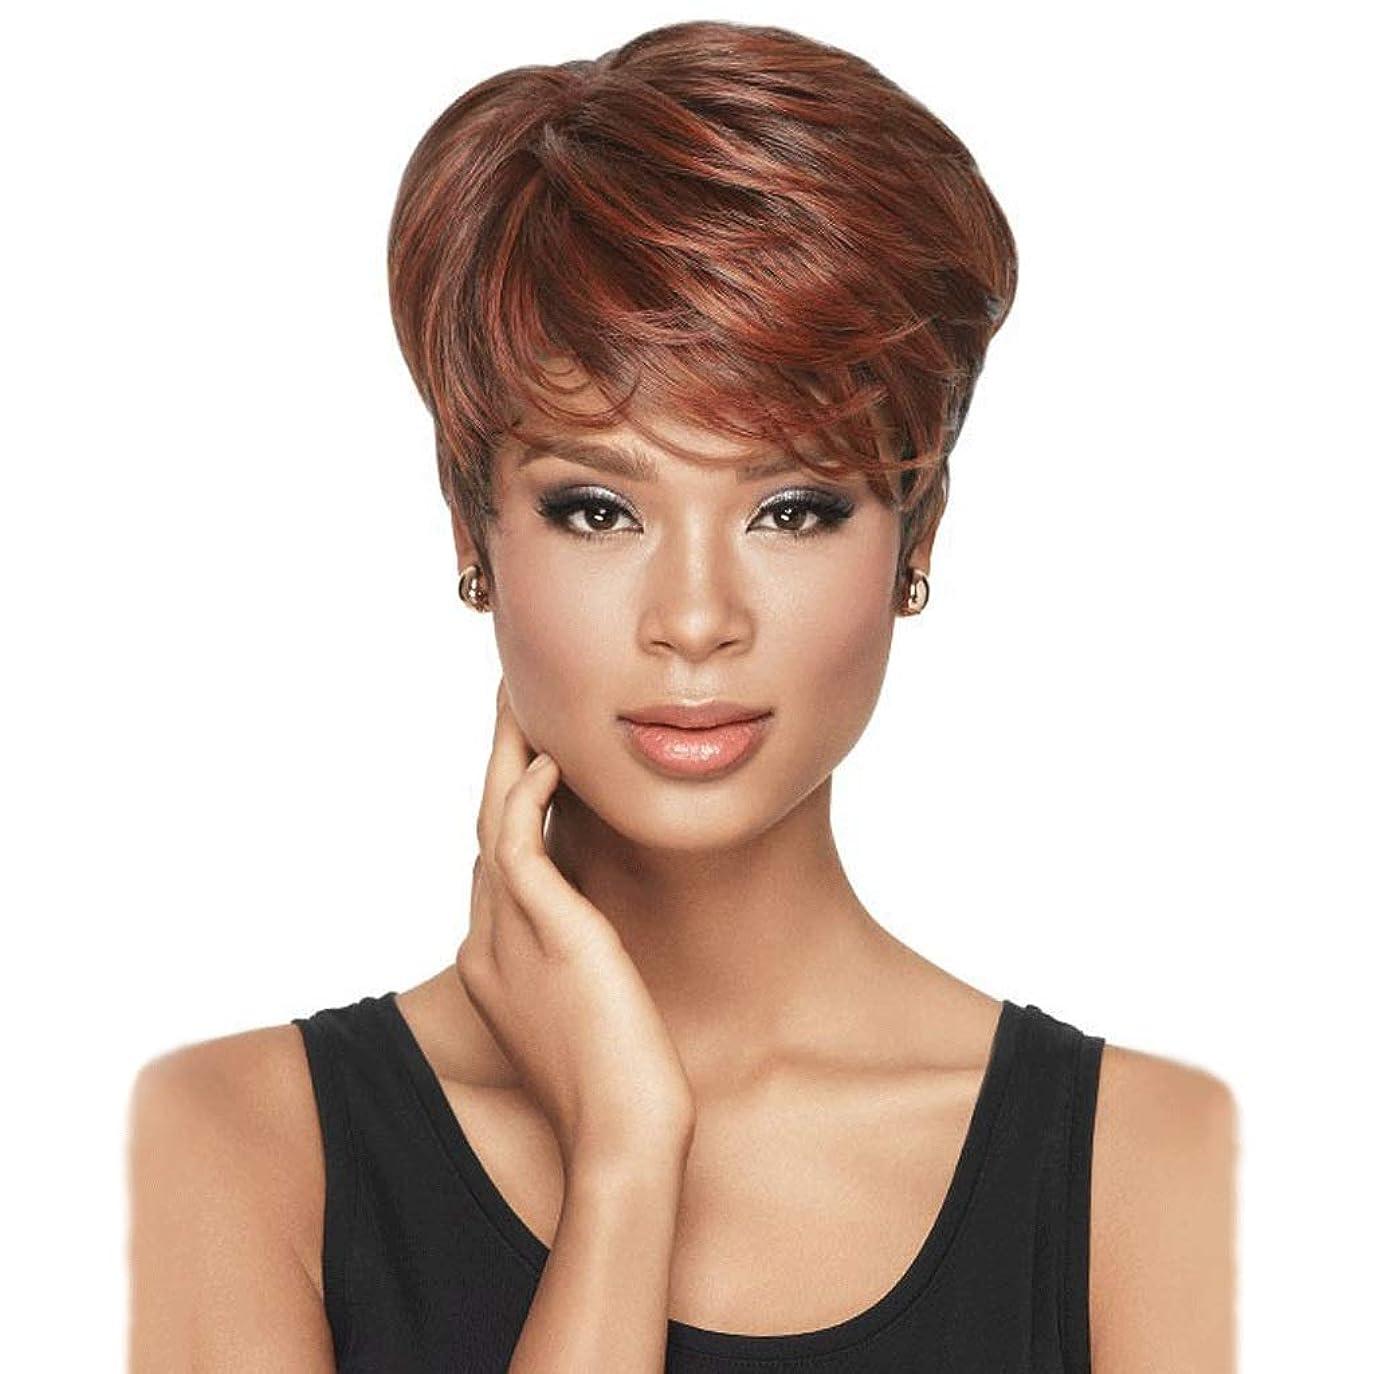 スーツアレルギー性に対応する黒人女性のための短い赤の人工毛かつら、耐熱ファイバーの髪、女性ハロウィンコスプレ衣装ファンシードレスパーティーのため (Color : Red)